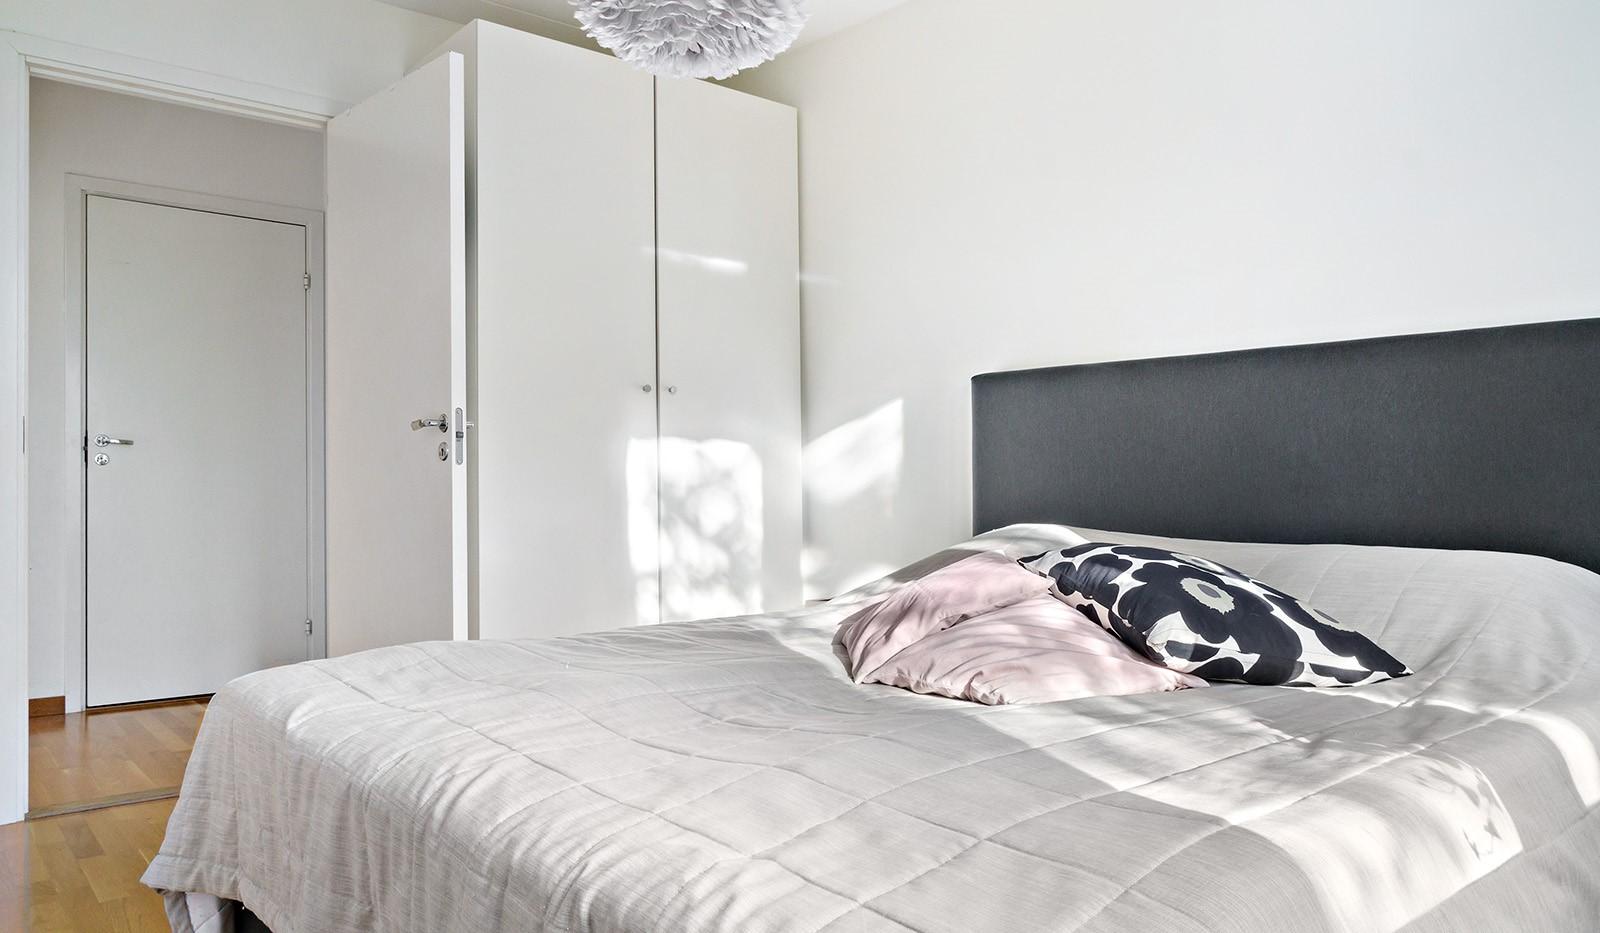 Hildebergsvägen 16, 1 tr - Bra förvaring med garderober i sovrummet